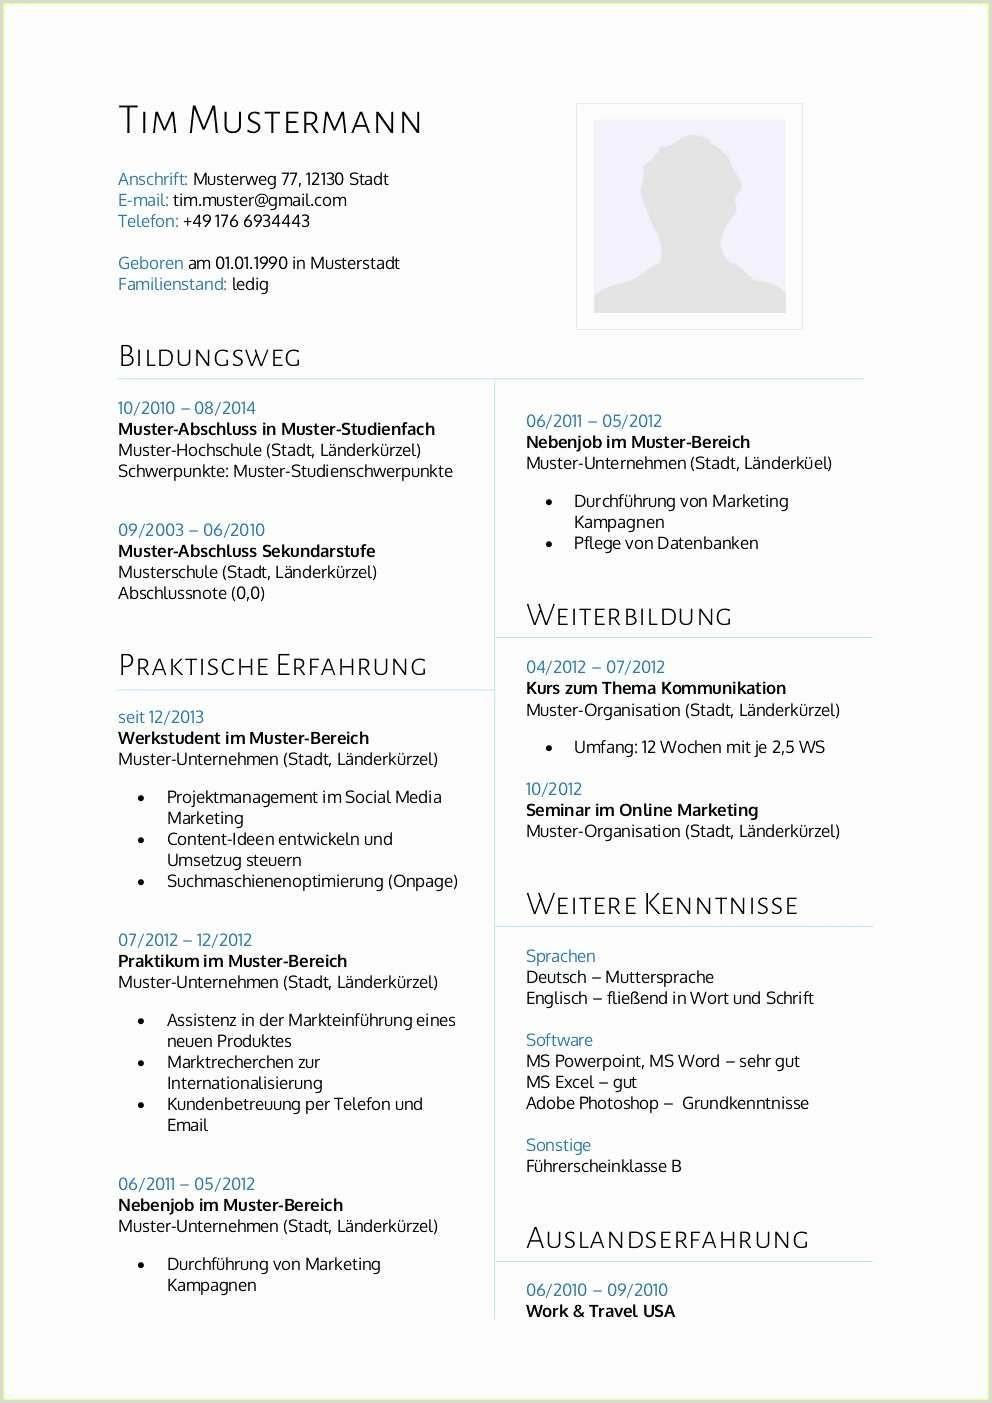 Tabellarischer Lebenslauf Muster Word Dokument Tabellarischer Lebenslauf Lehrer Genial Lebenslauf Muster Für